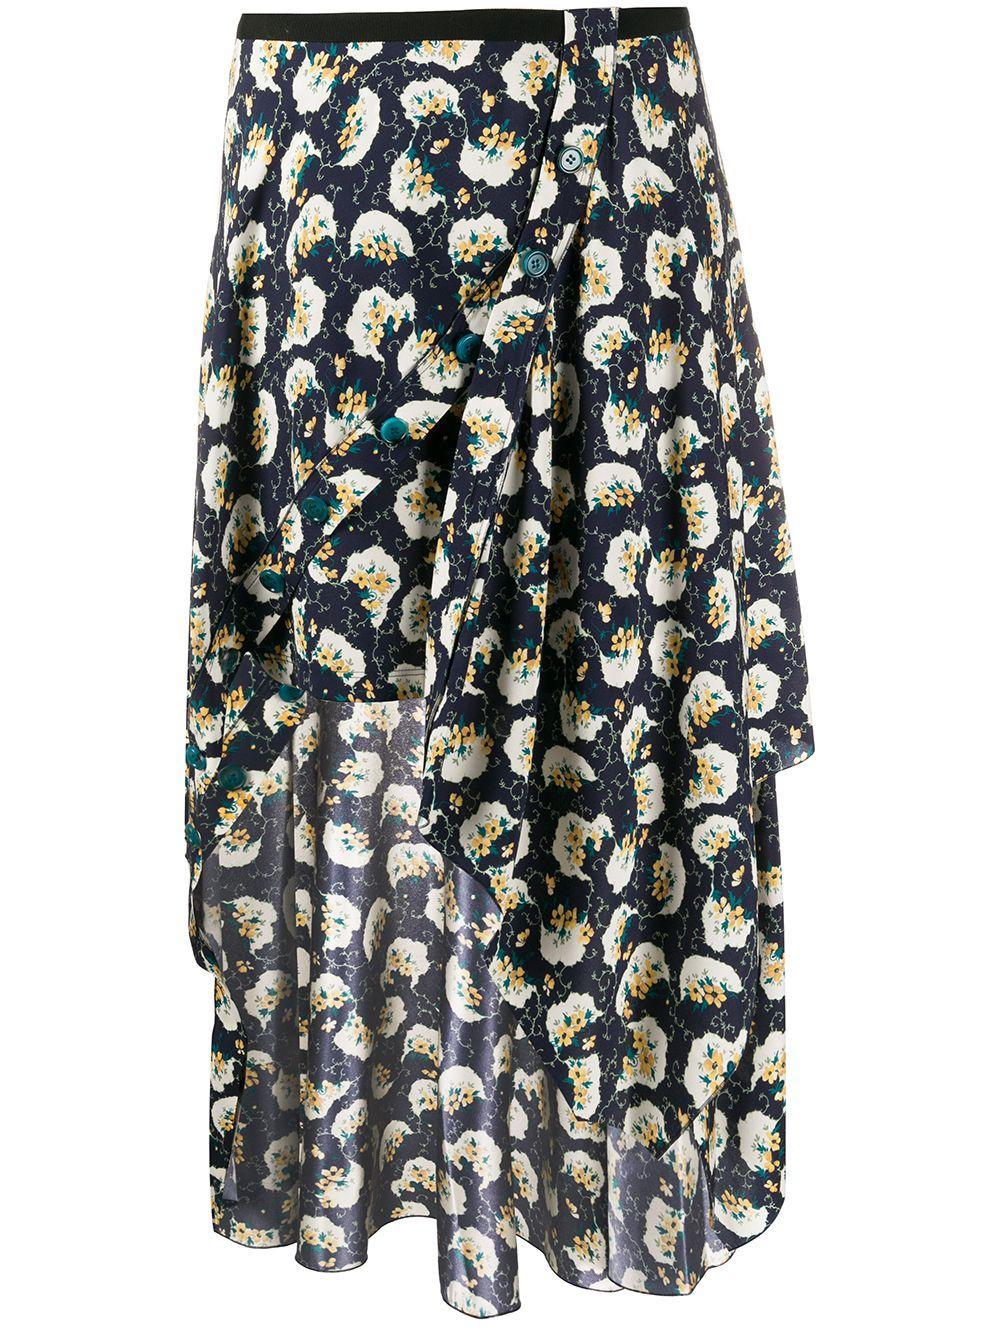 Chloé юбка асимметричного кроя с цветочным принтом